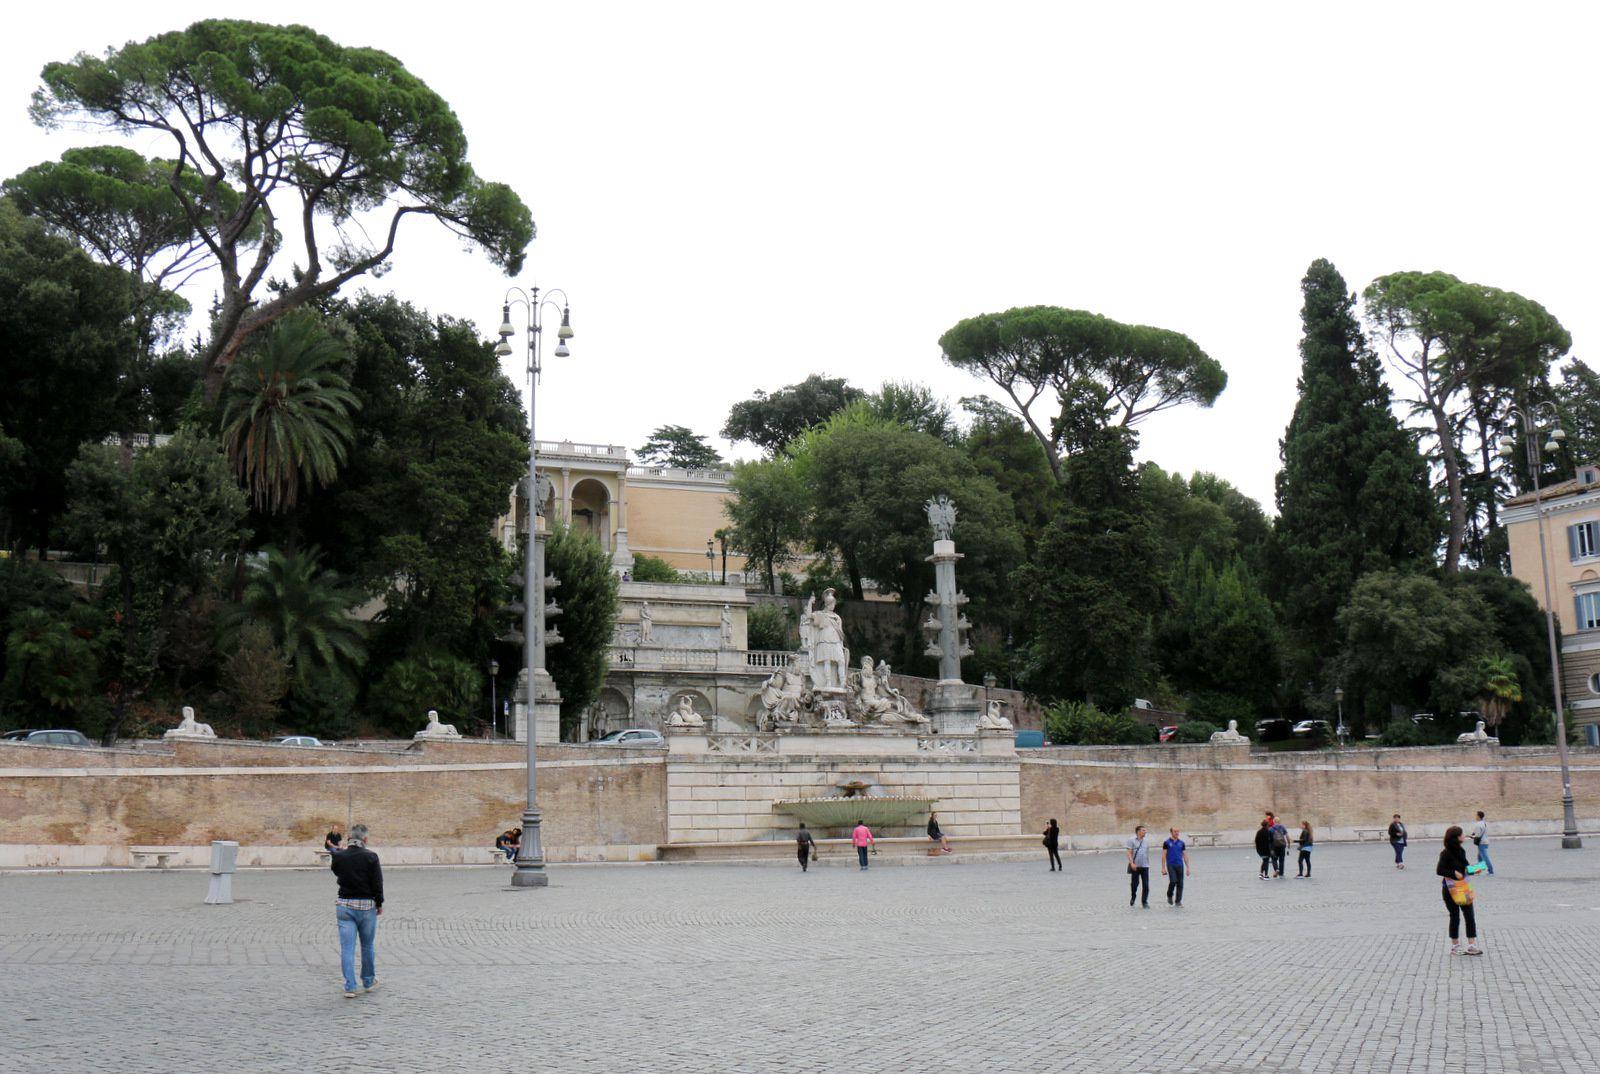 Les fontaines de la Plazza del Populo, Rome